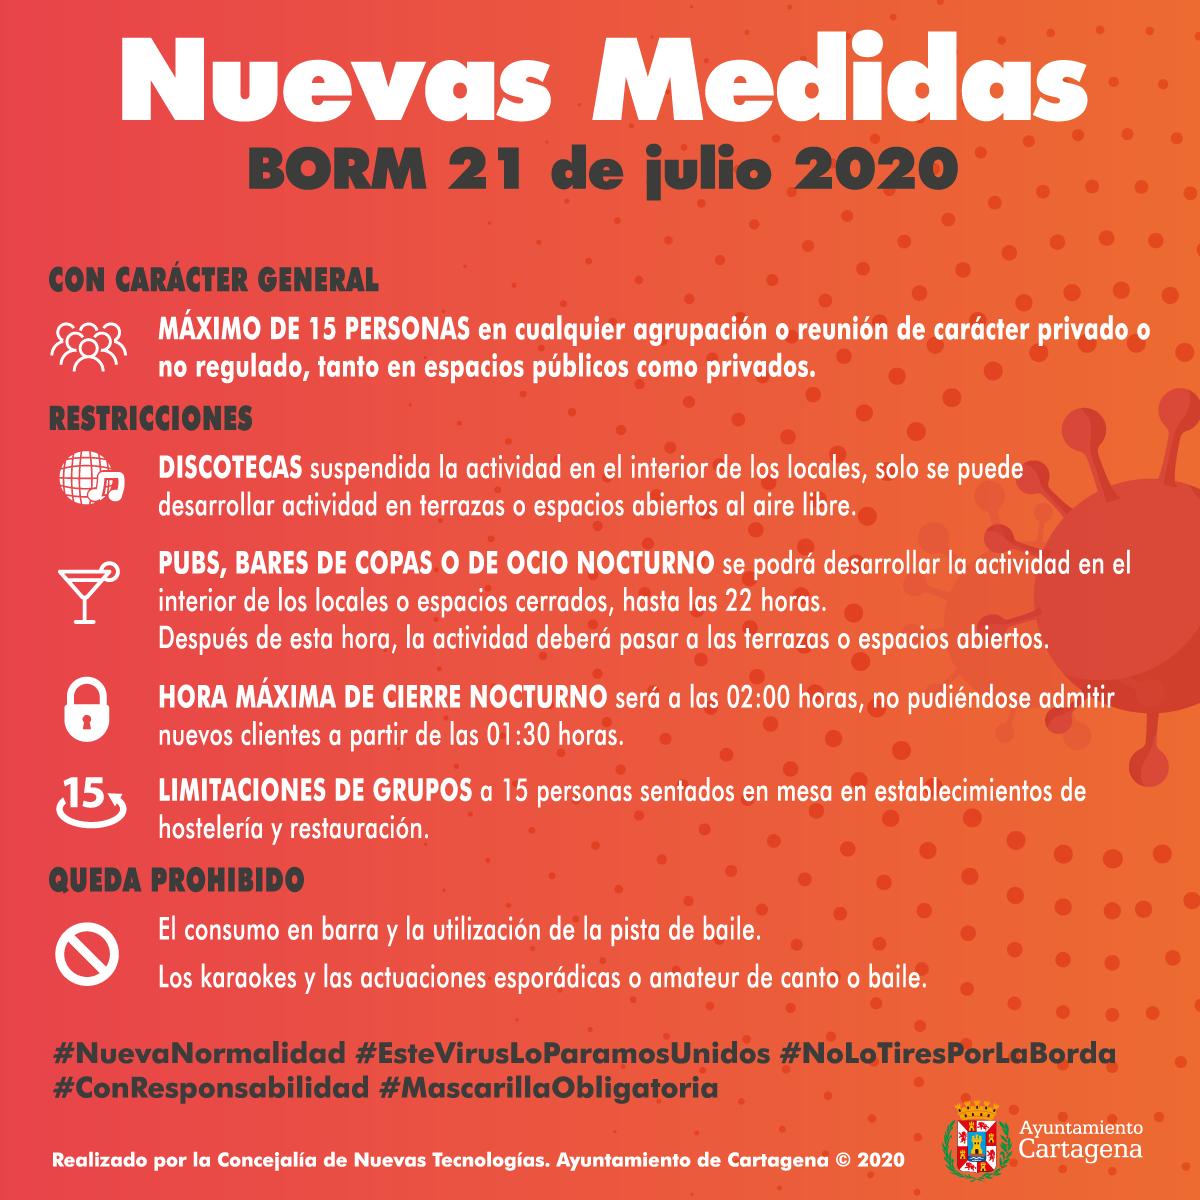 Nuevas Medidas BORM 21 julio 2020